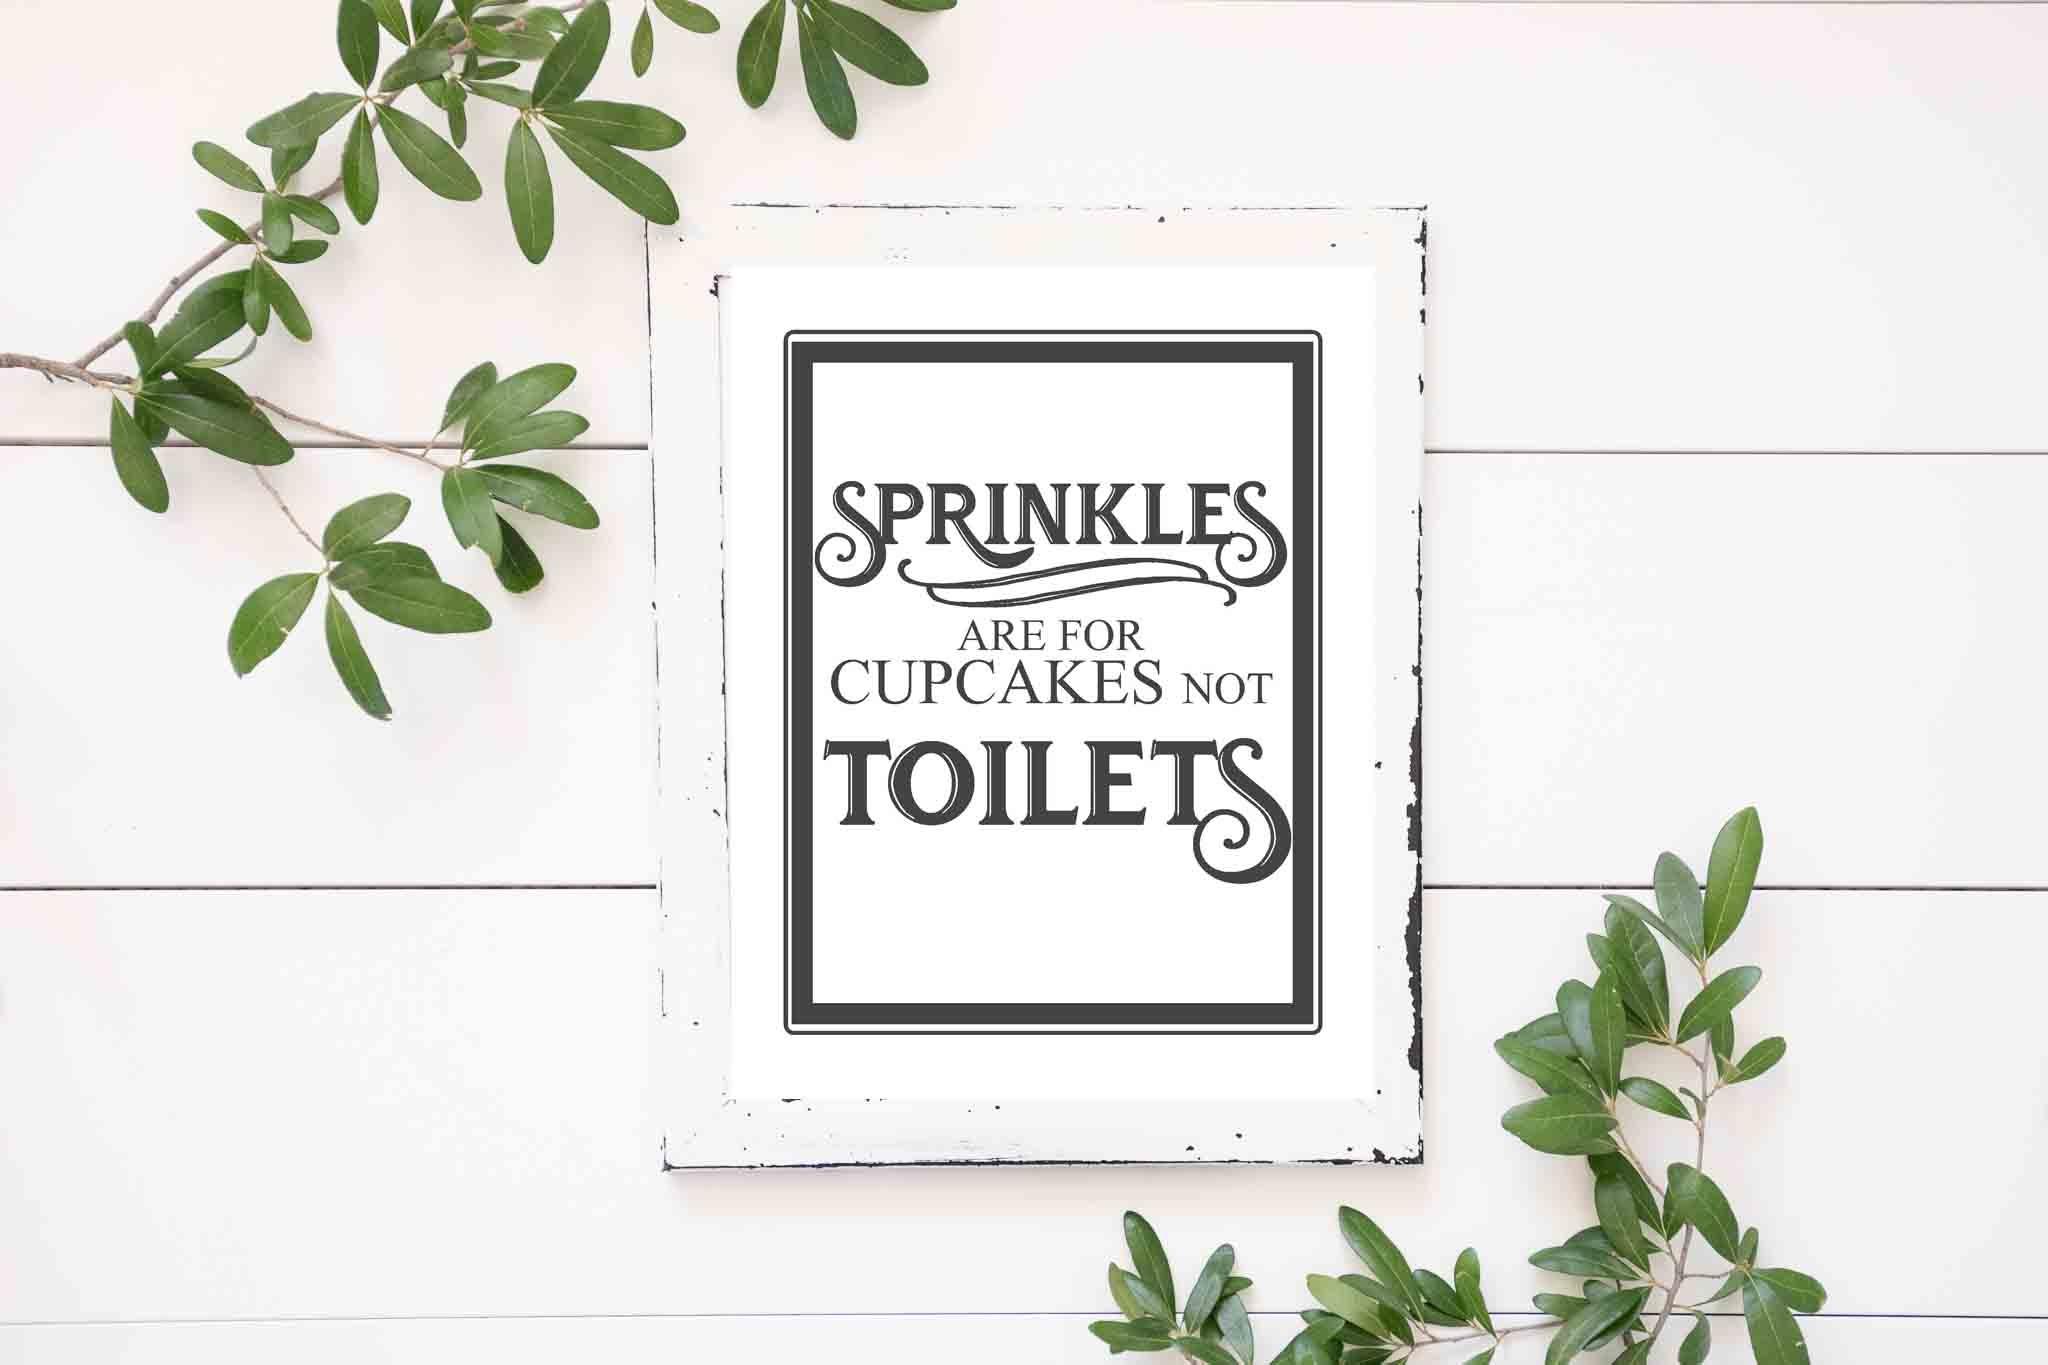 Free Vintage Bathroom Printables - The Mountain View Cottage - Free Bathroom Printables